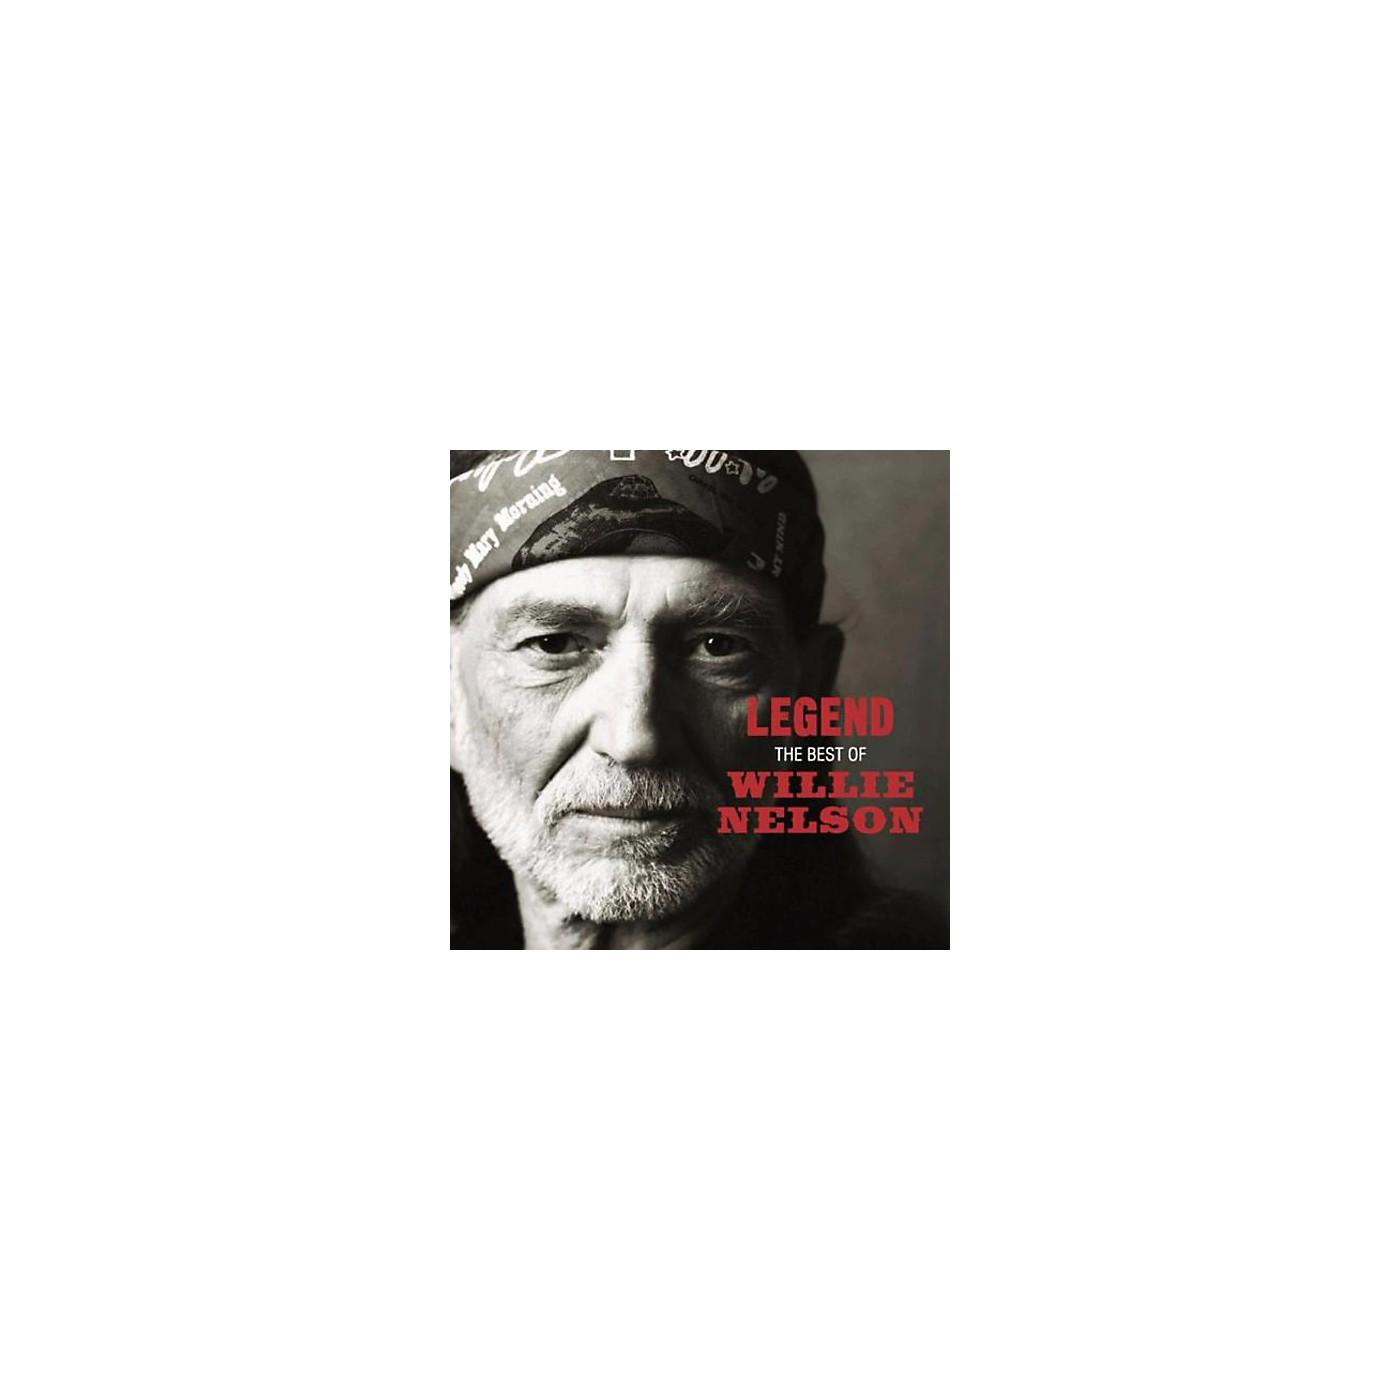 Alliance Willie Nelson - Legend: The Best Of Willie Nelson (CD) thumbnail